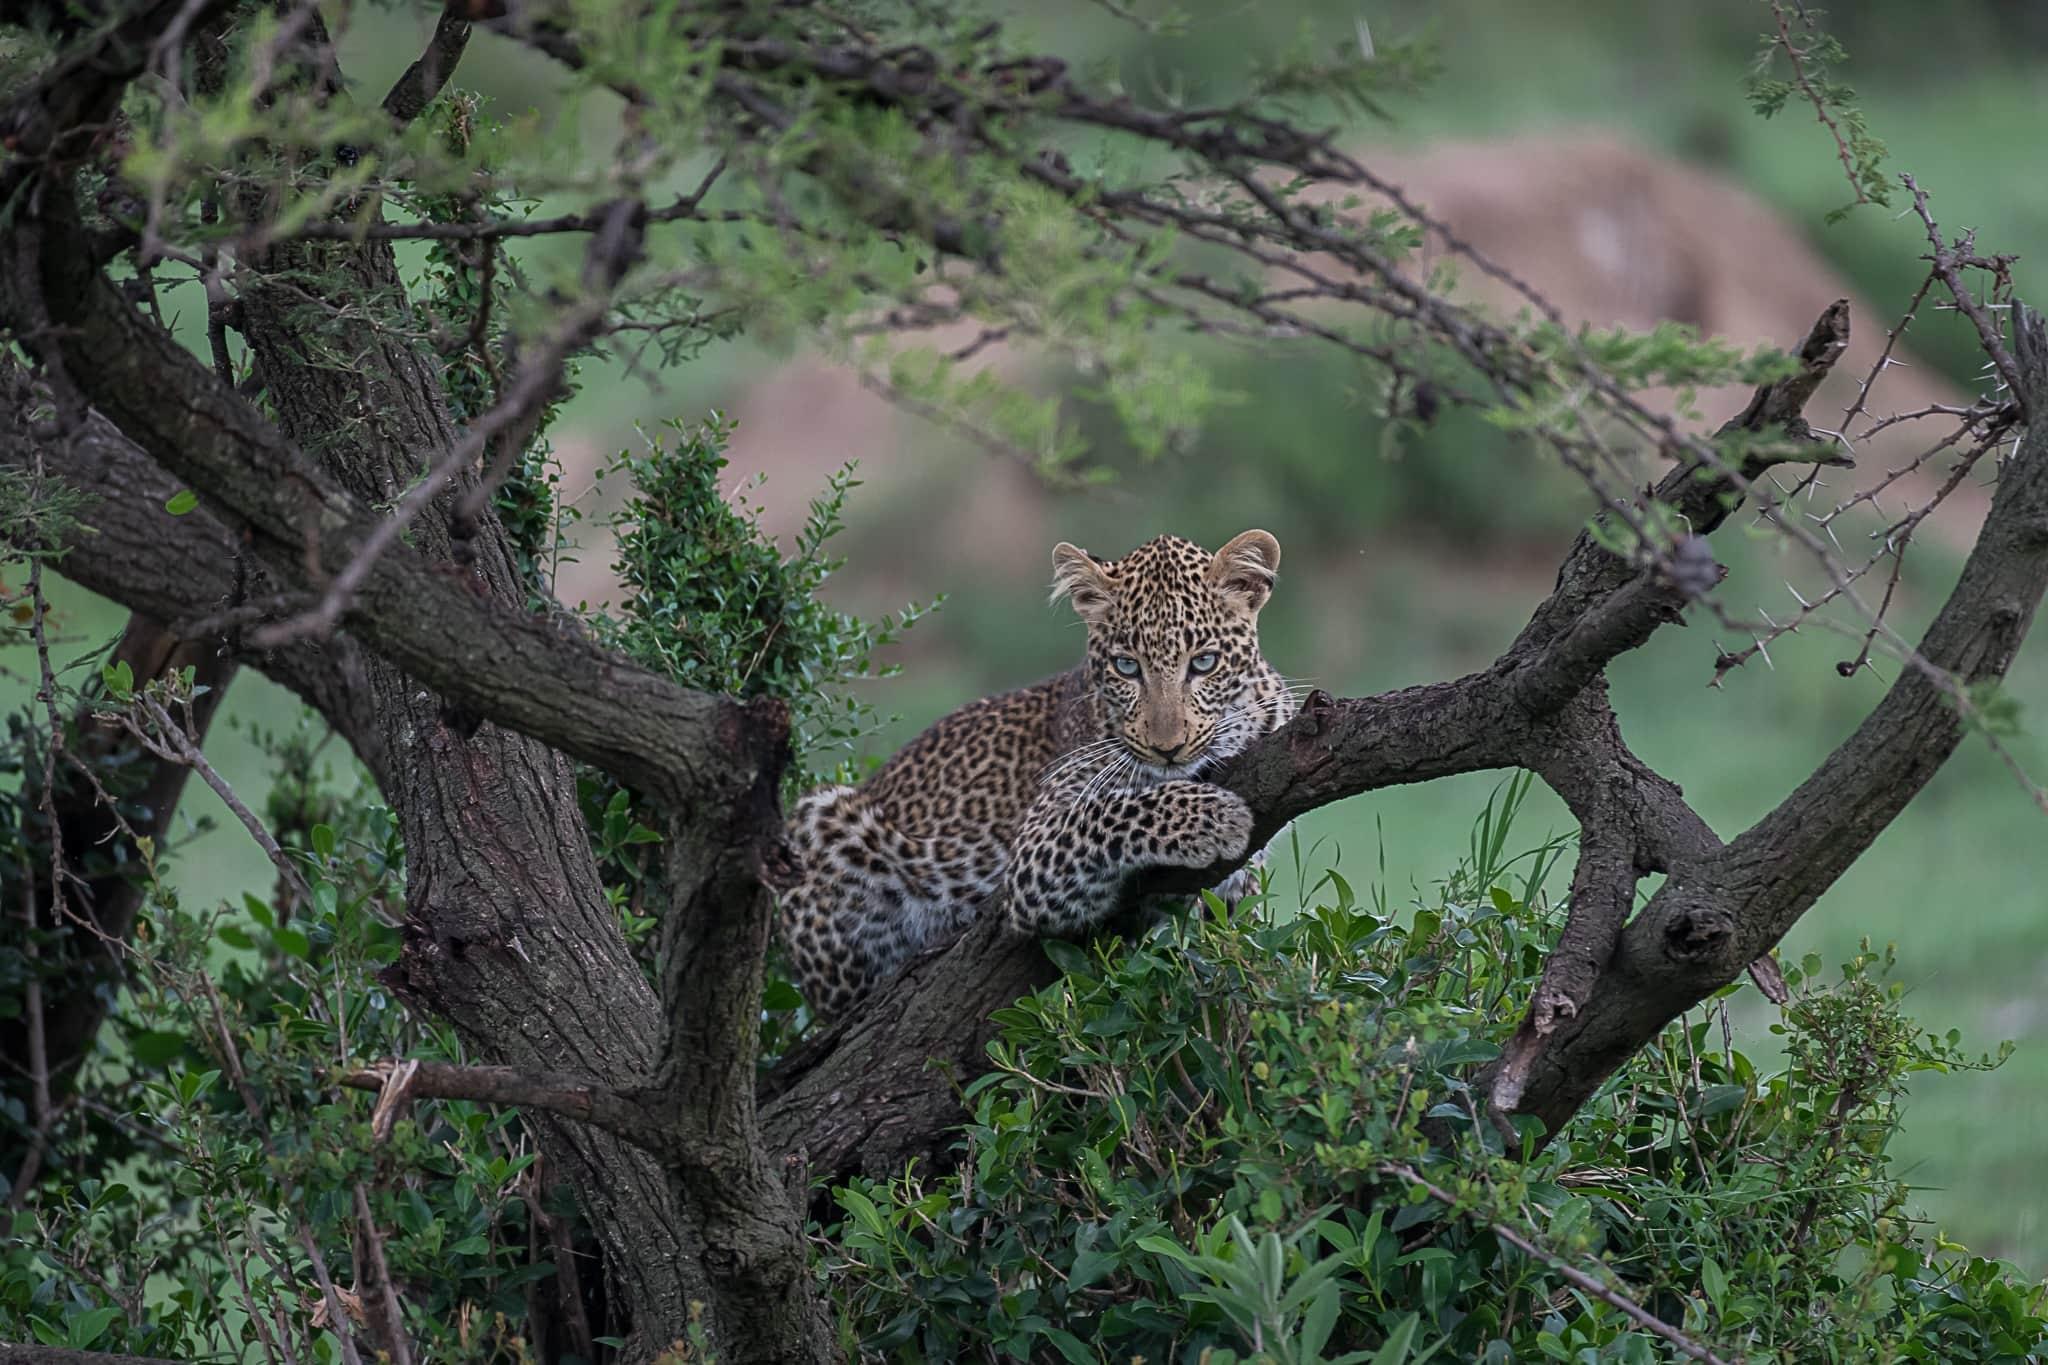 Leopard in green